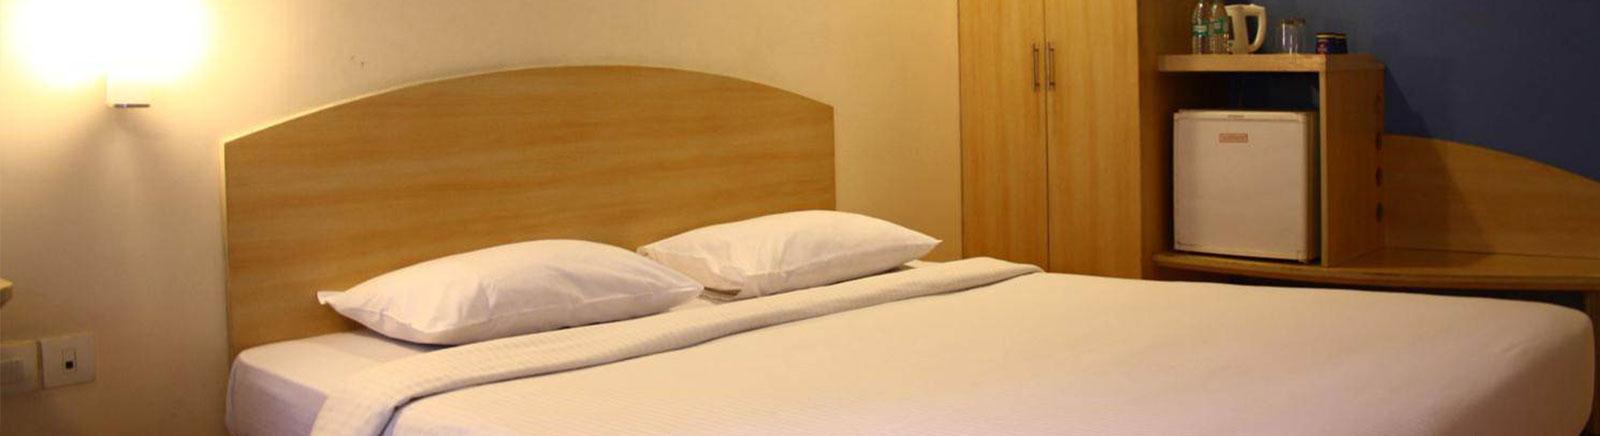 Ginger Pune Pimpri Hotel Rooms